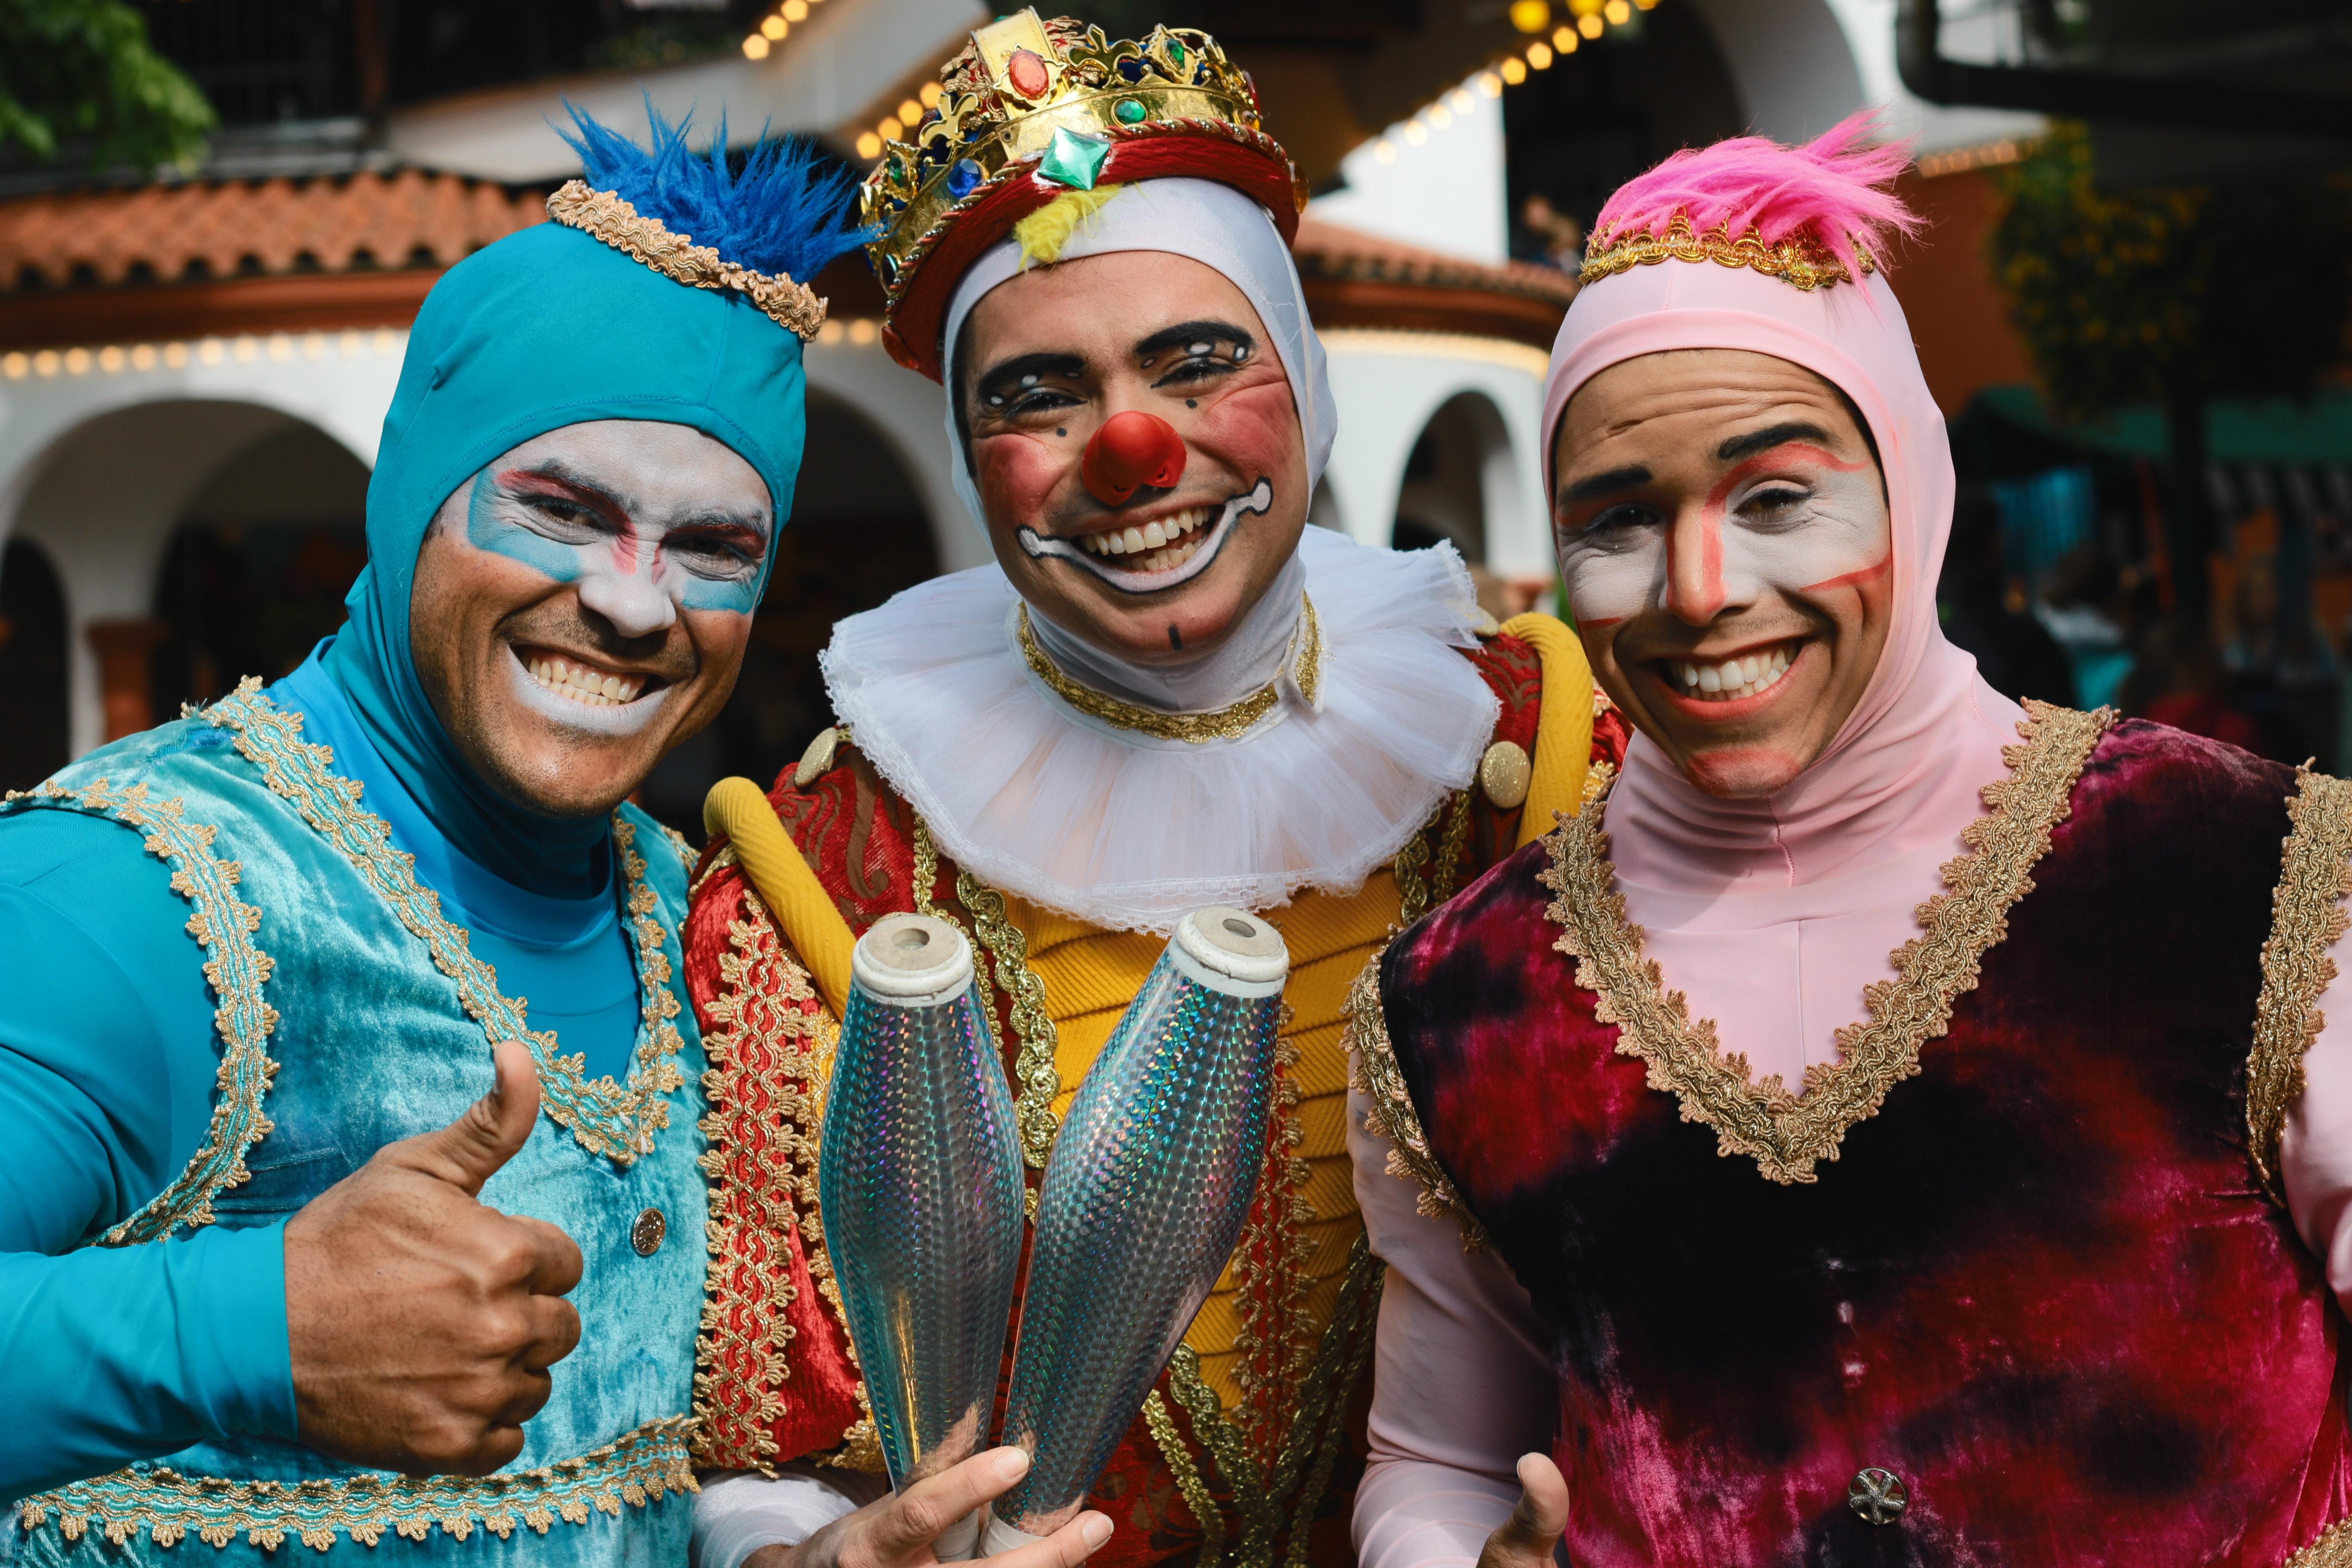 Foto de stock gratuita sobre actuación, adultos, al aire libre